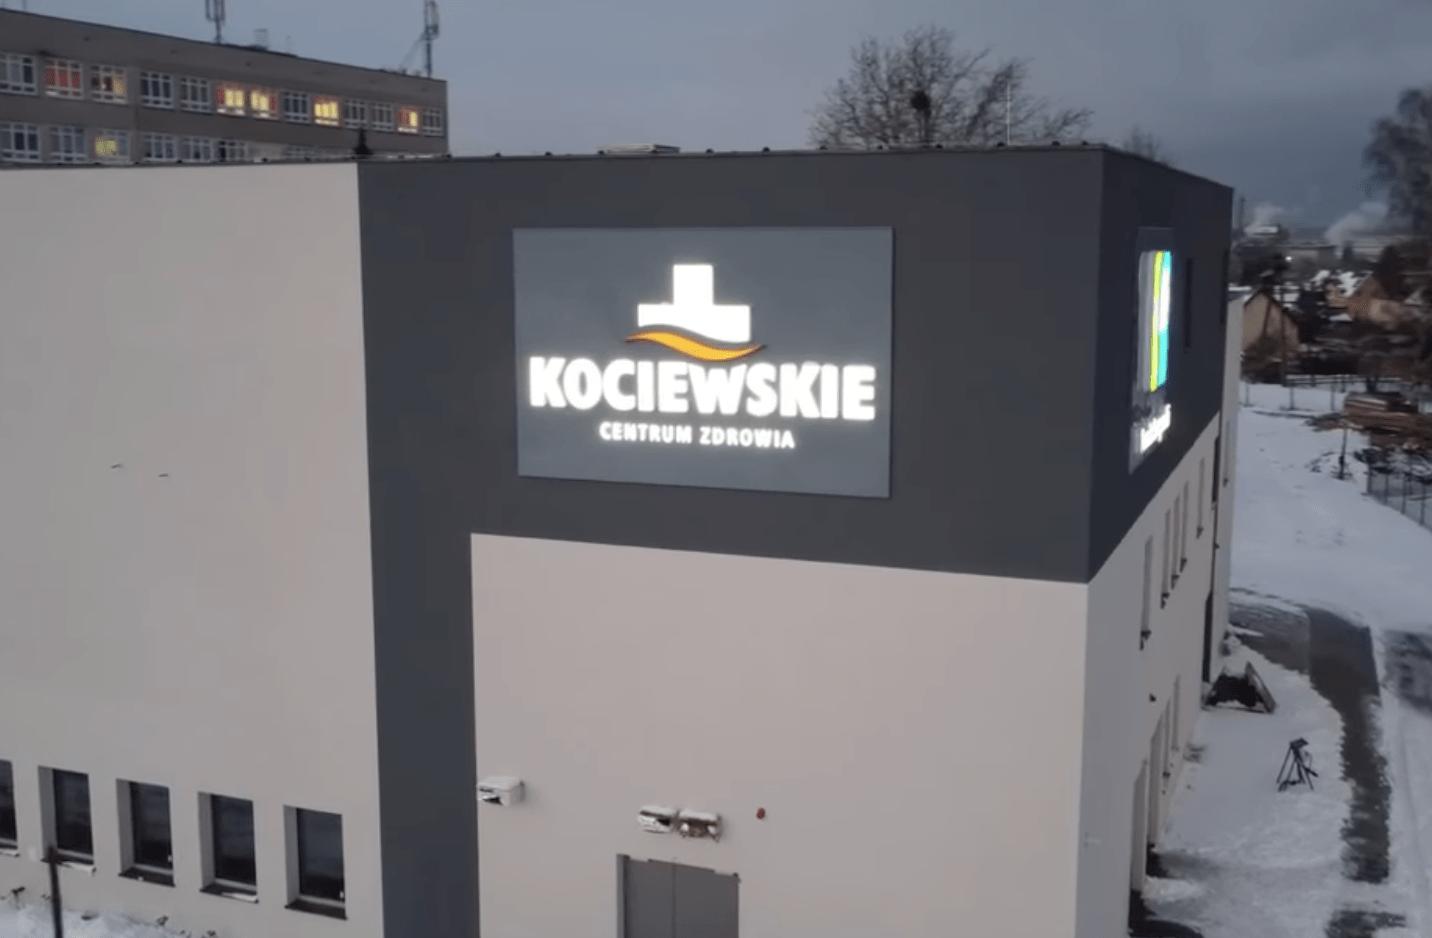 Kociewskie Centrum Zdrowia